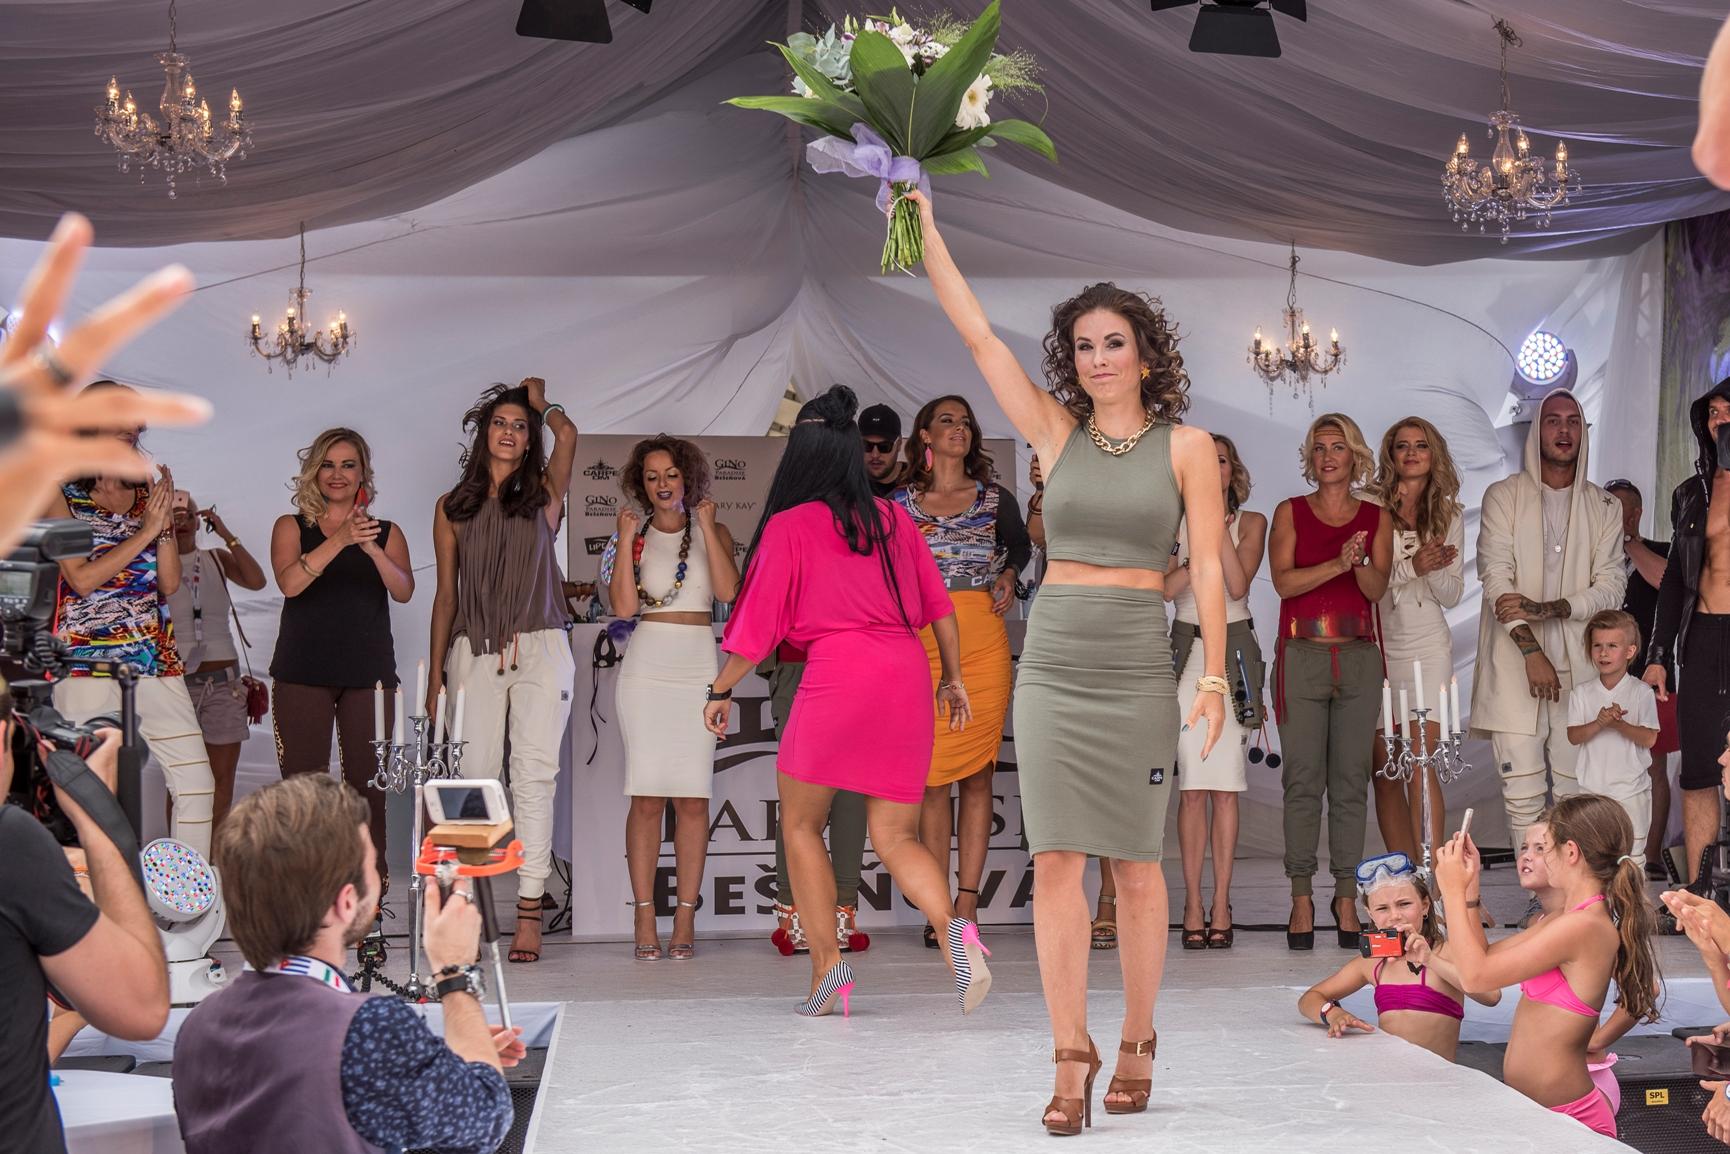 Fashion show v Bešeňové se zúčastnily tisíce lidí